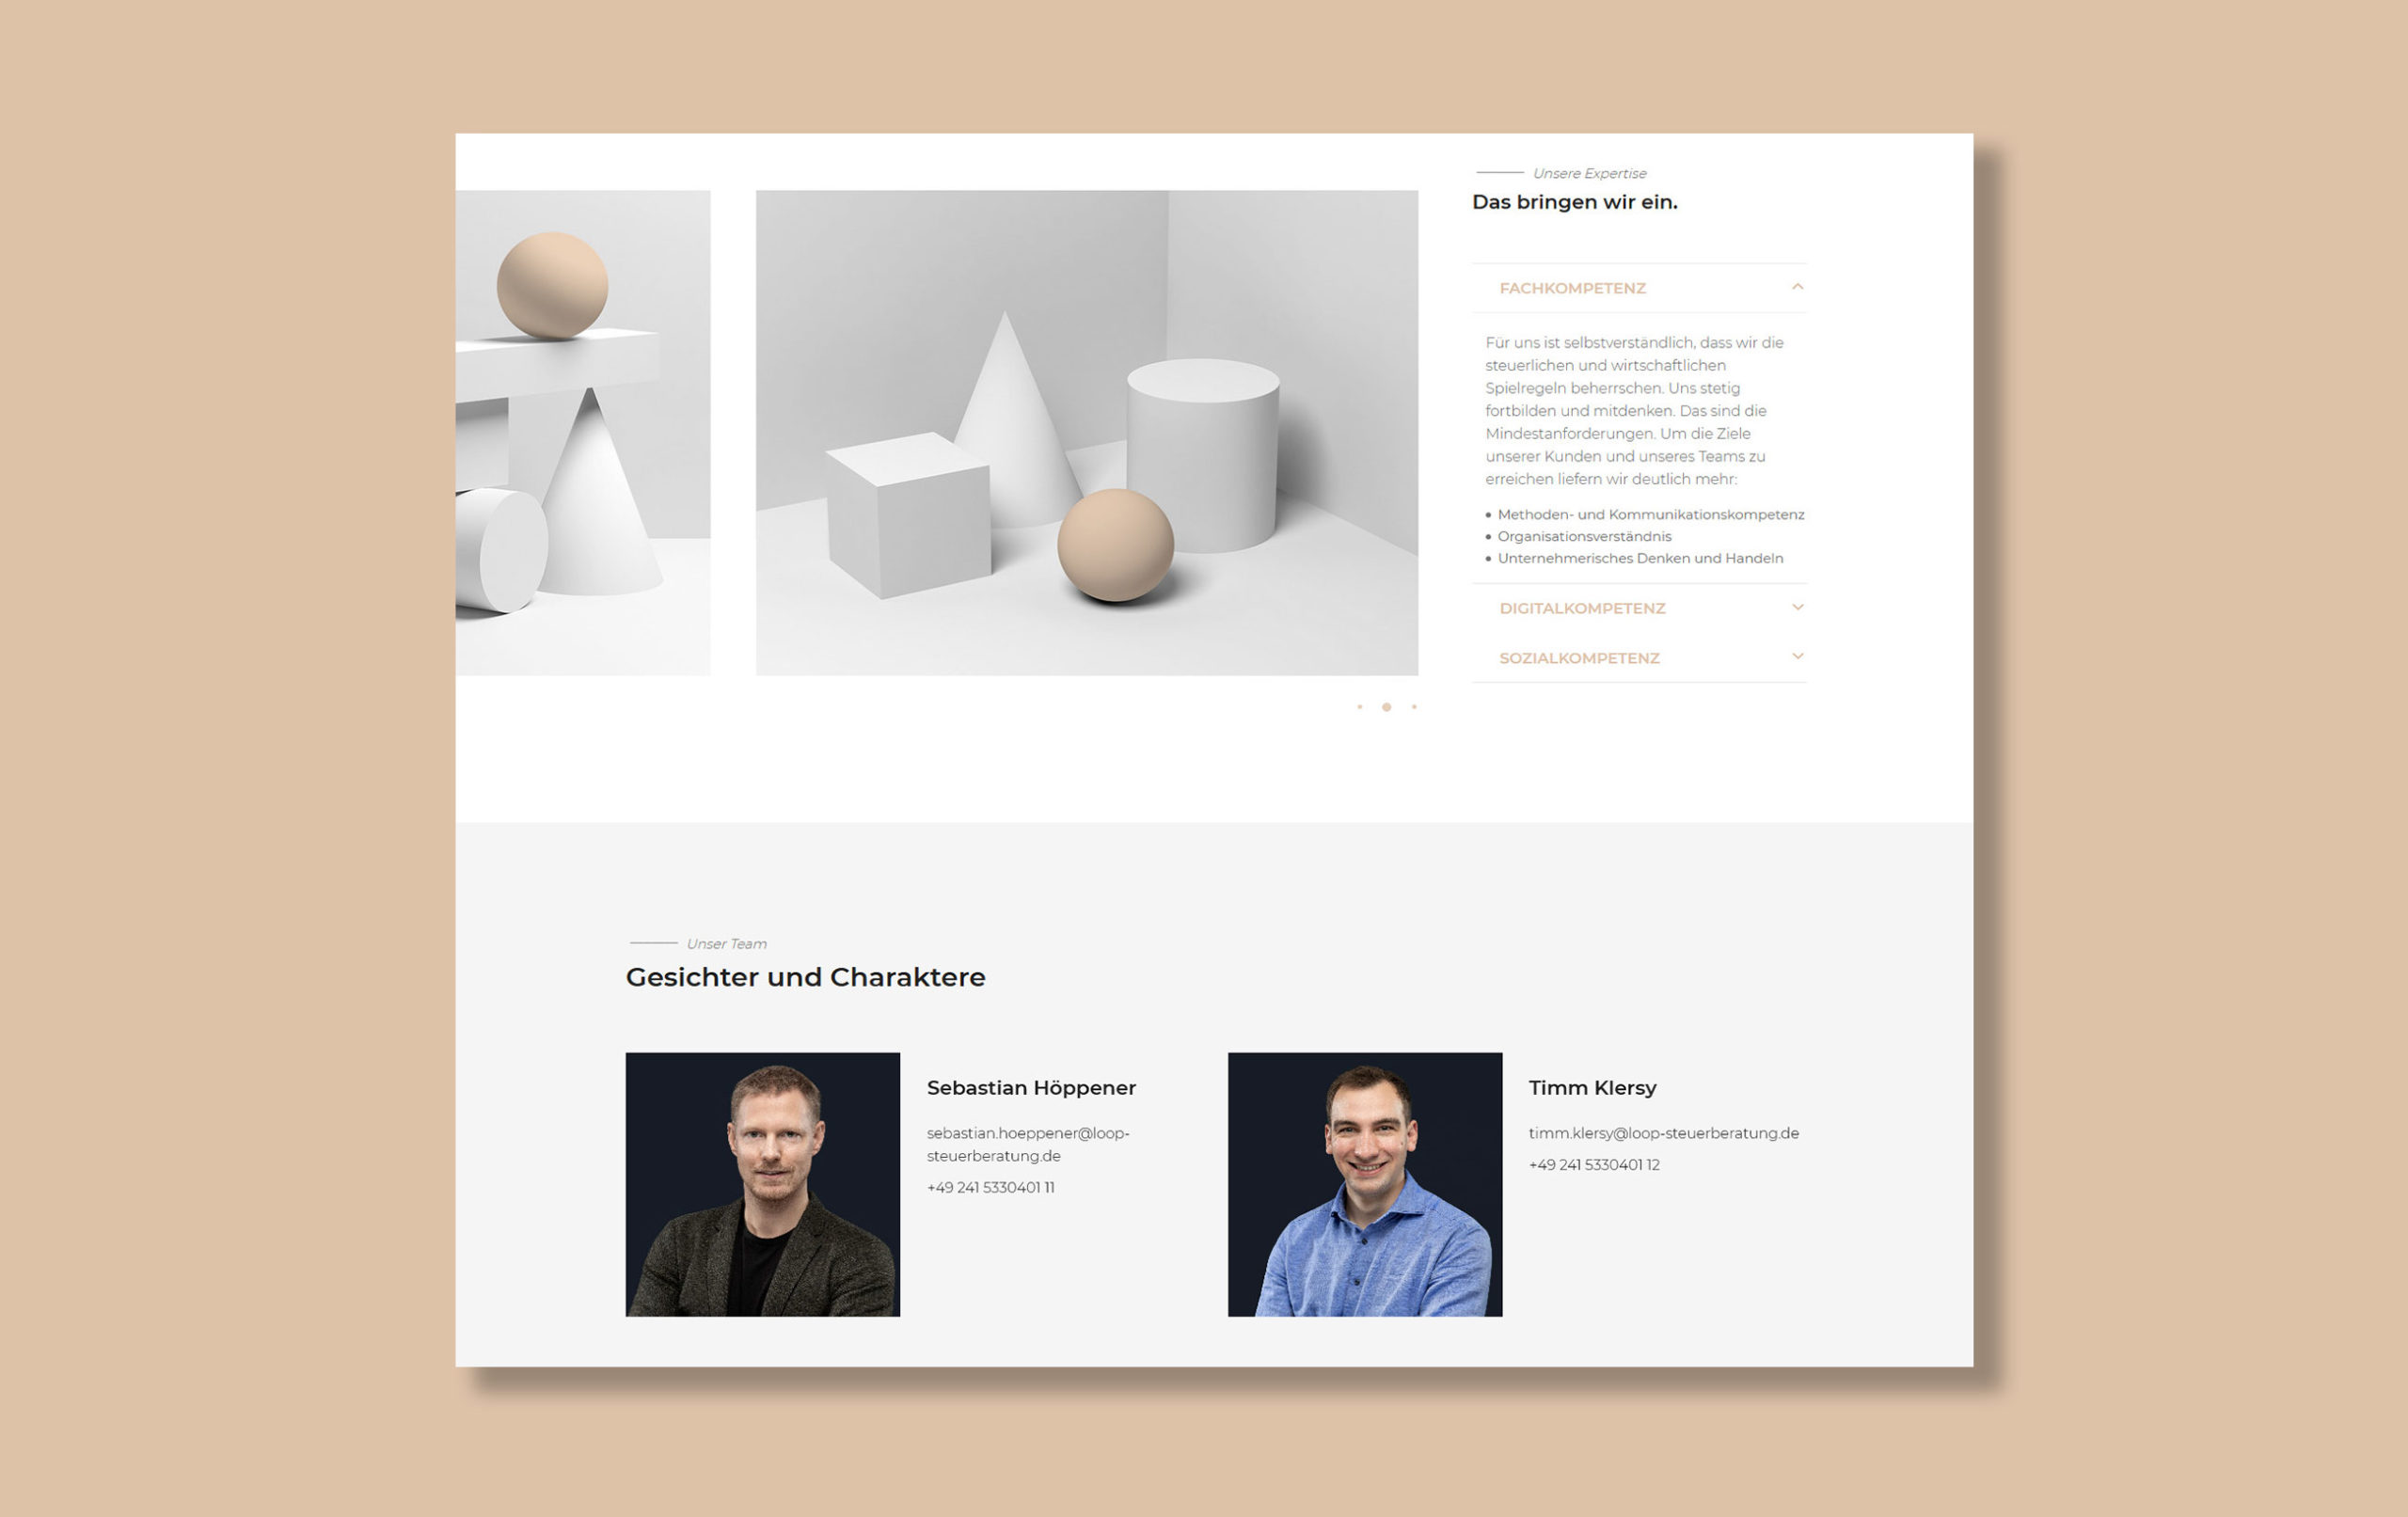 Vorstellungsseite der Loop Steuerberatung Webseite - Anfahrtsbeschreibung, Beispiel für Webdesign